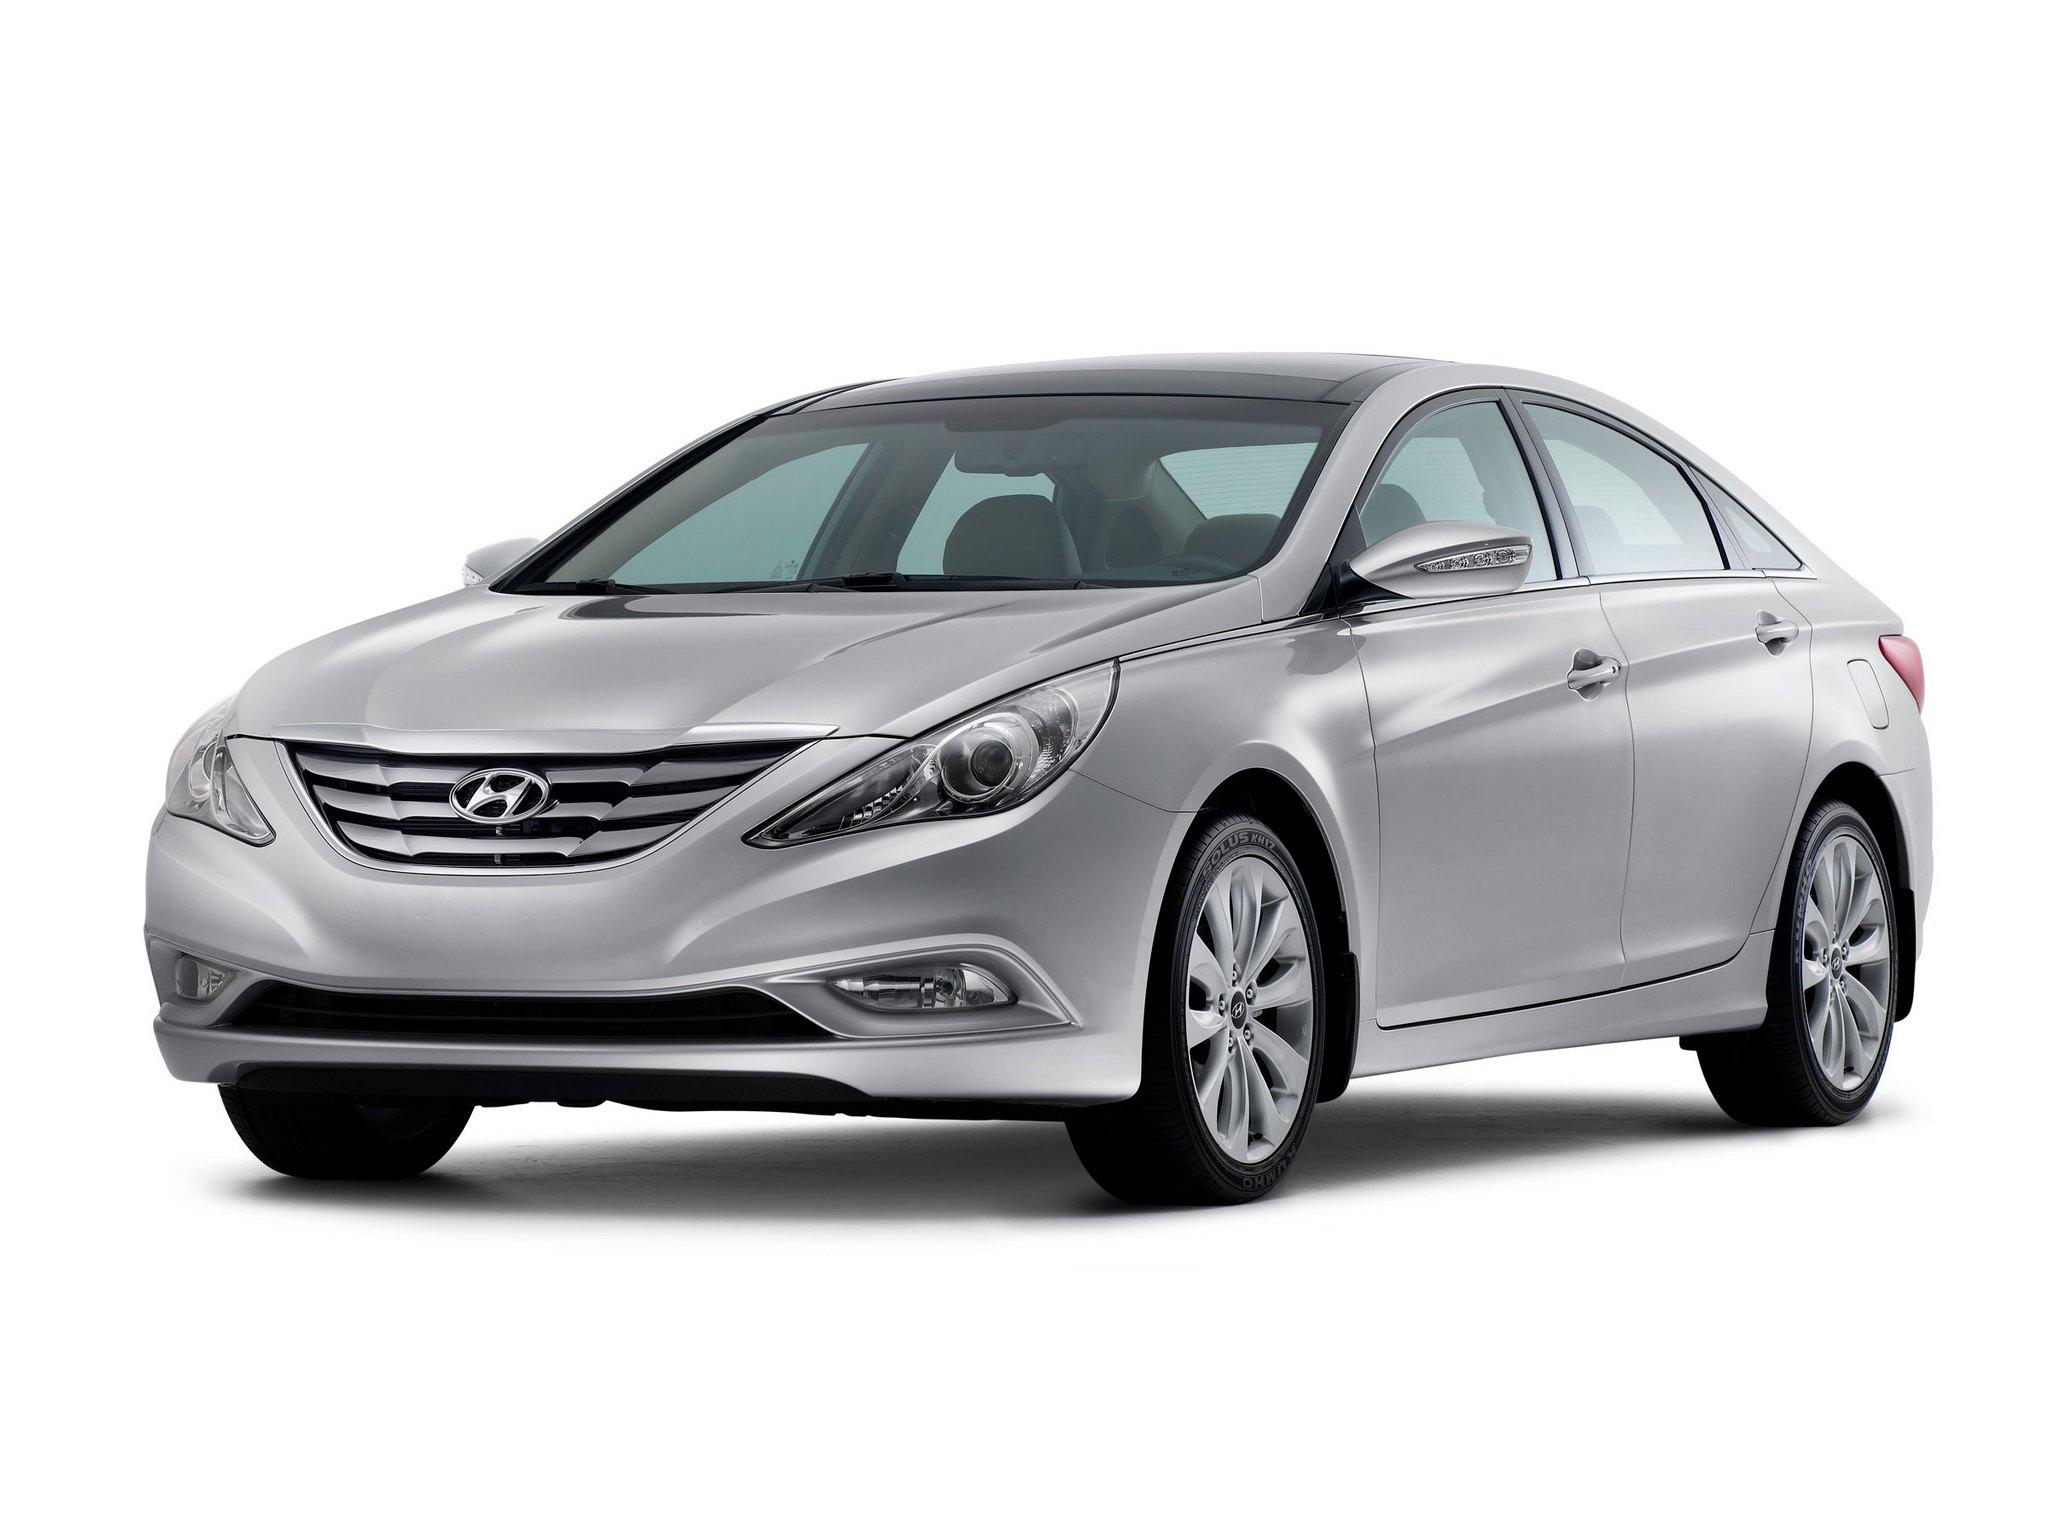 2011 Hyundai Sonata Gls >> HYUNDAI Sonata / i45 specs & photos - 2009, 2010, 2011 ...